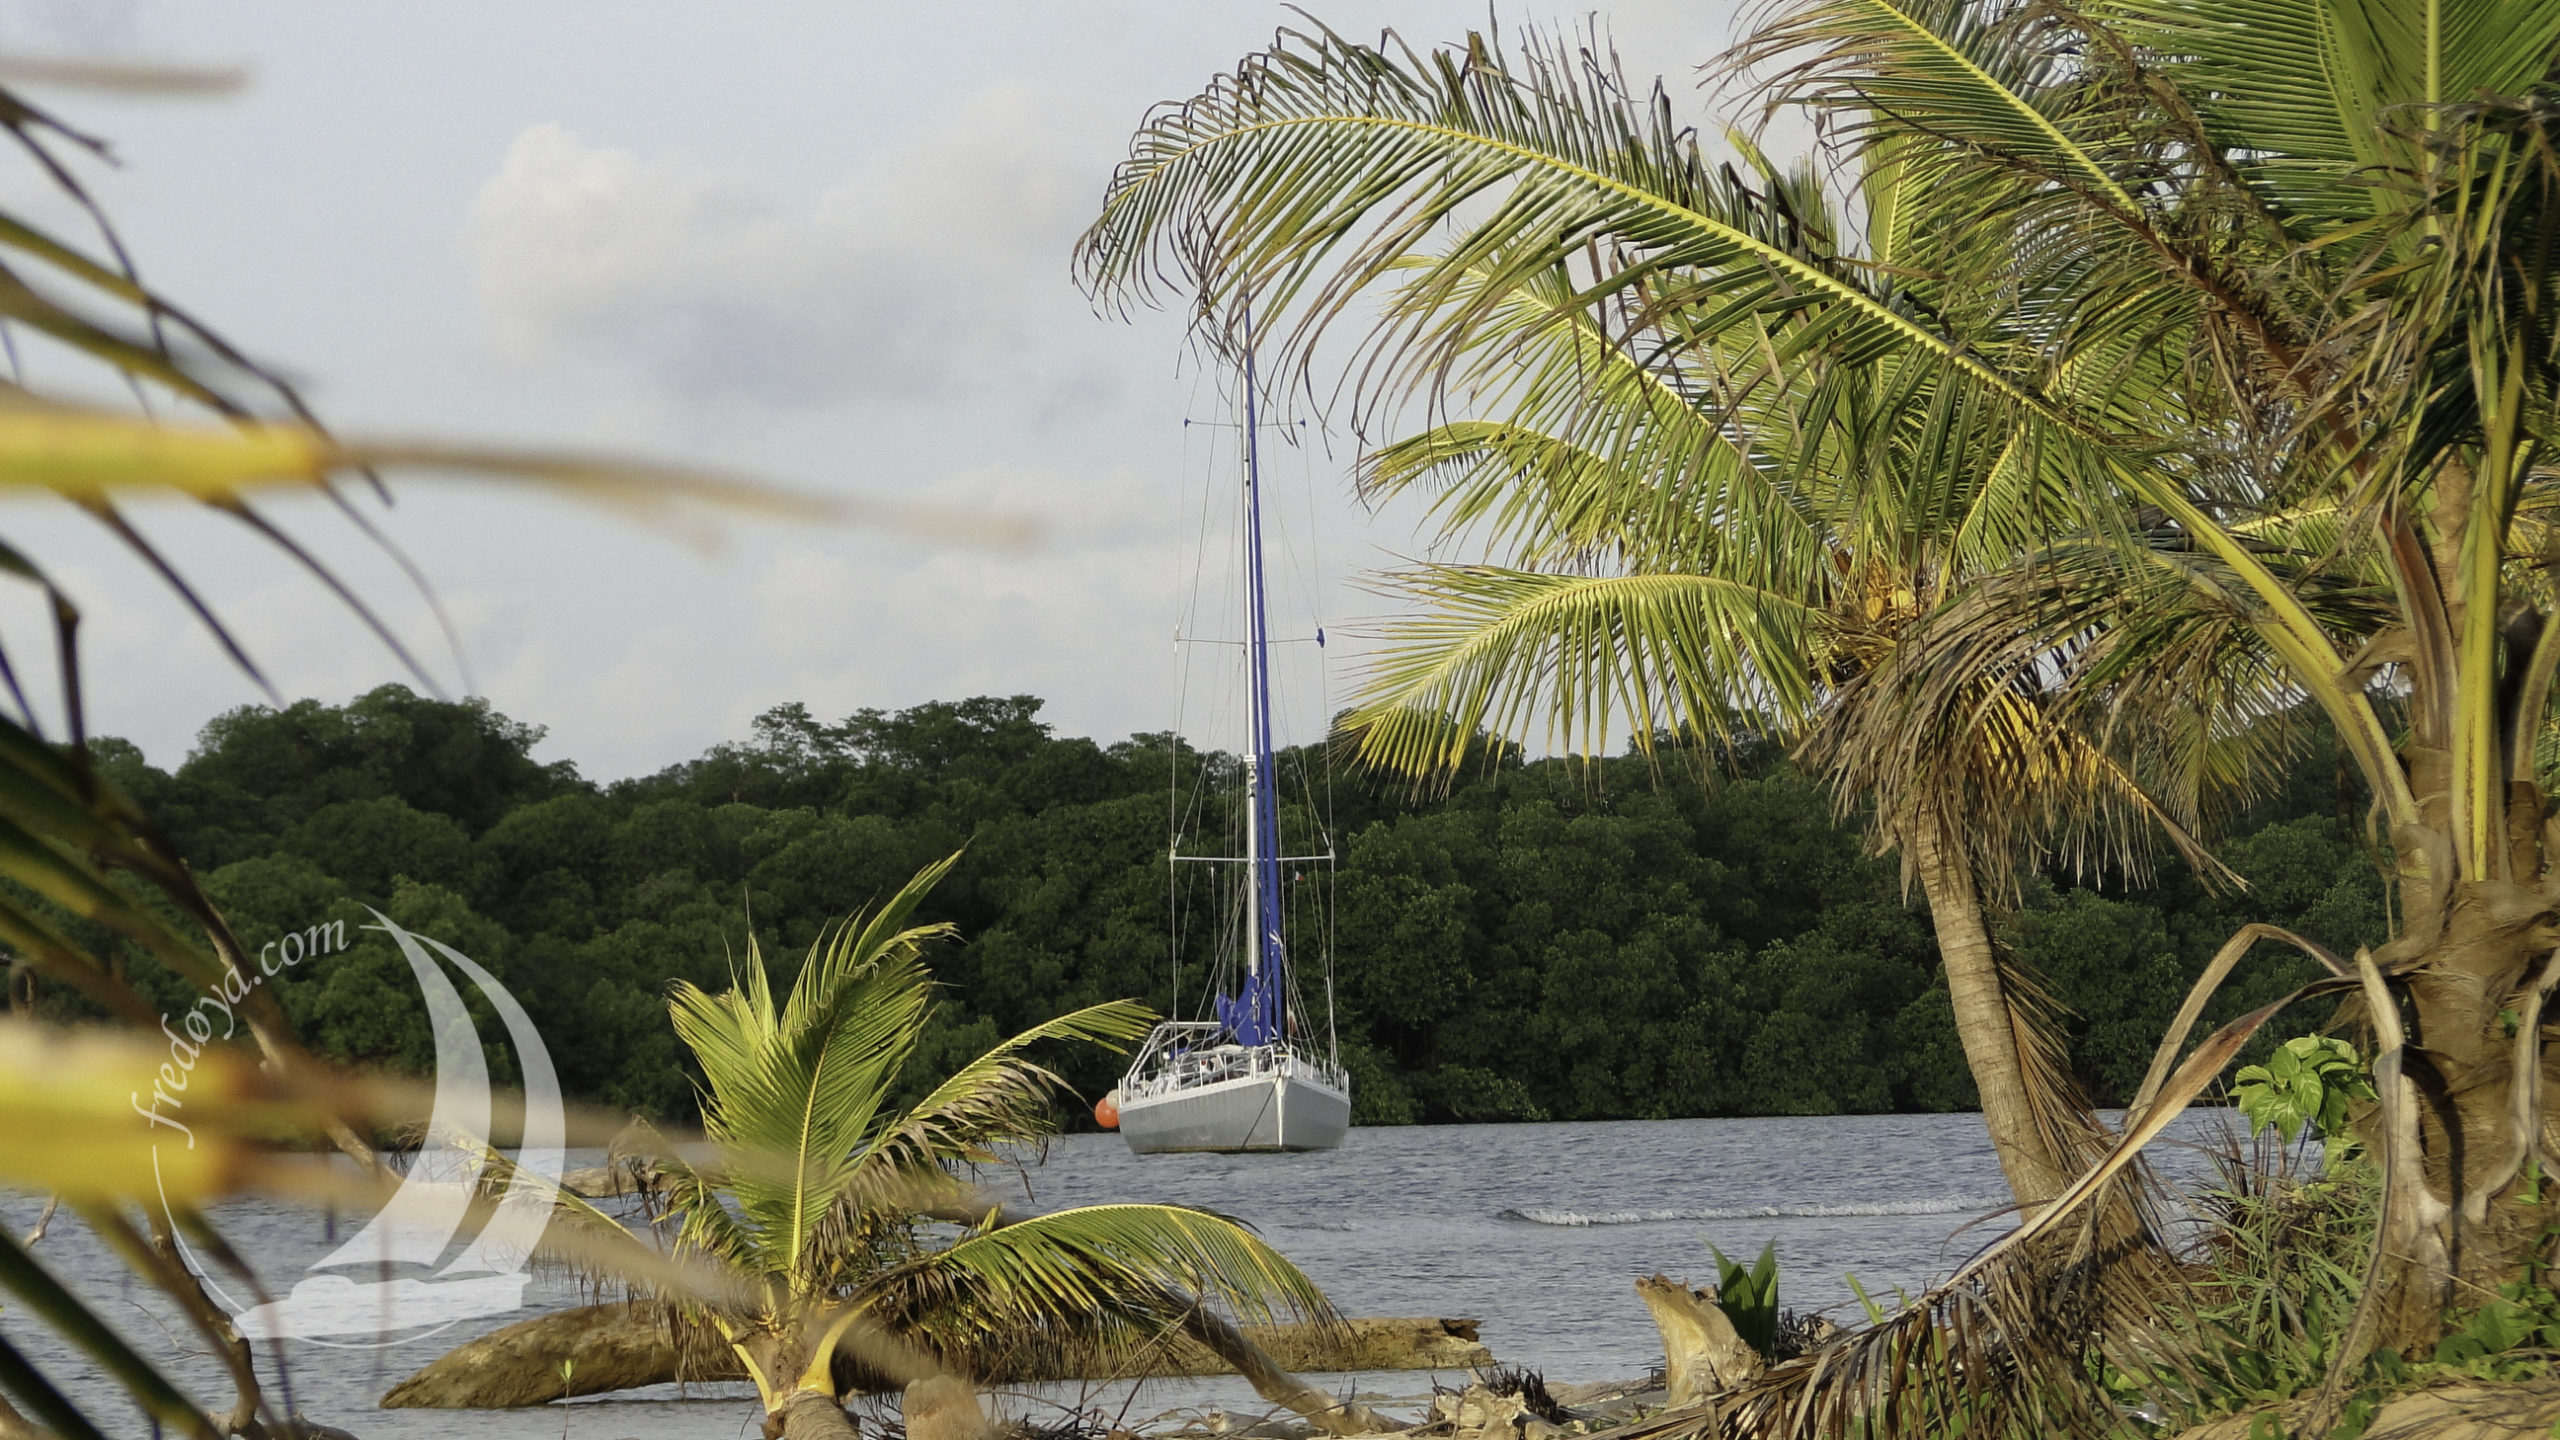 Panama, Puerto Escribano June to December 2011